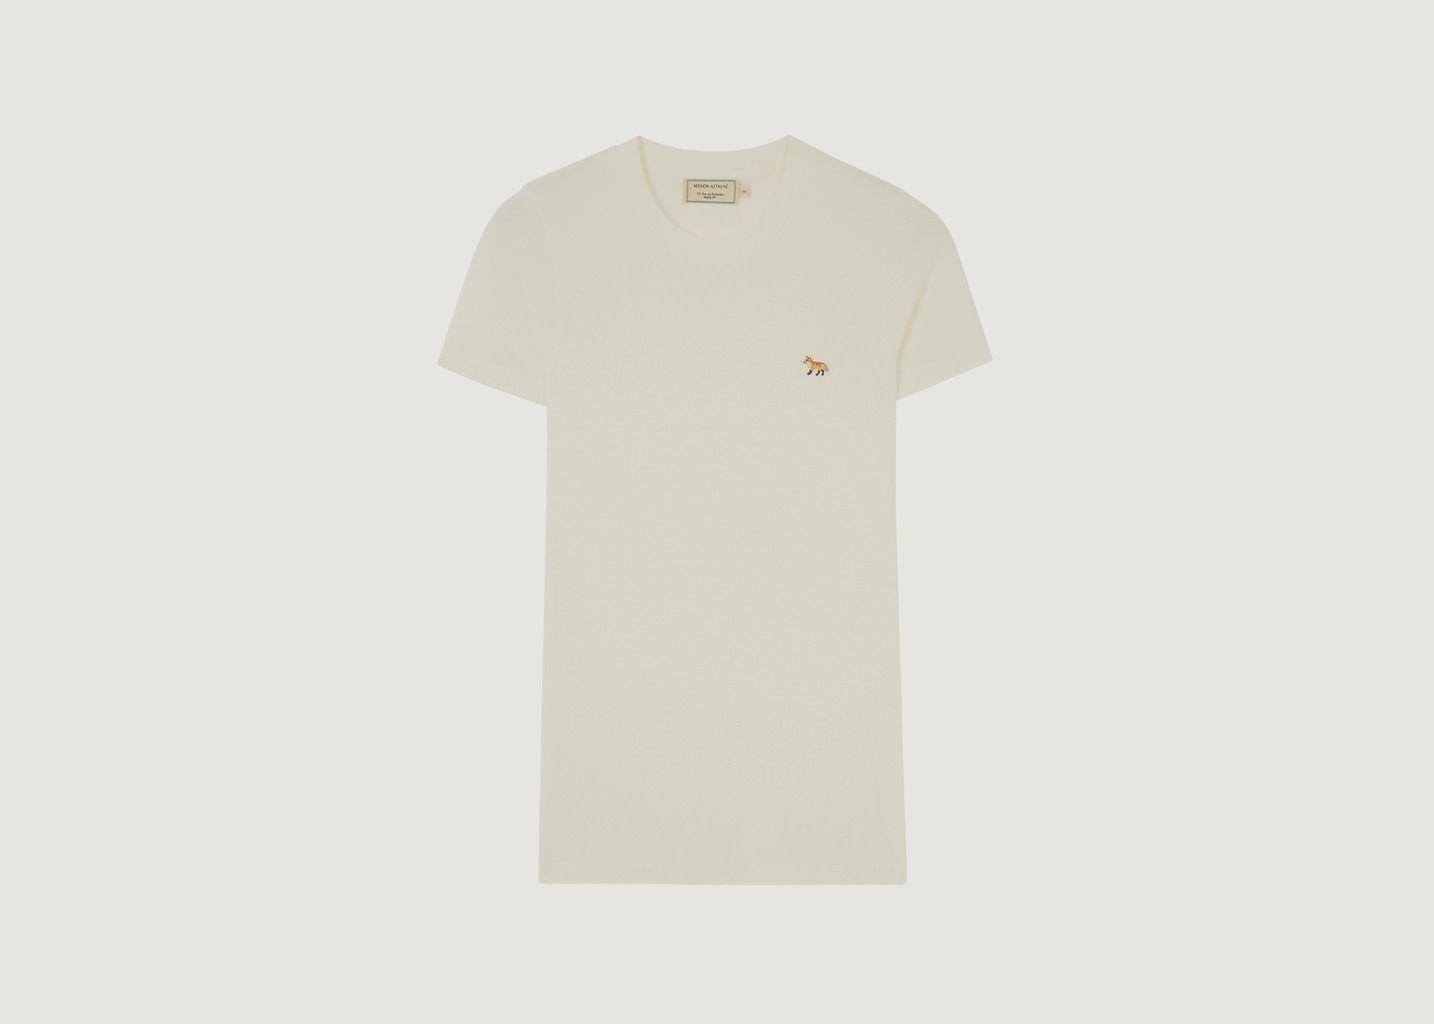 T-Shirt Profile Fox Patch - Maison Kitsuné